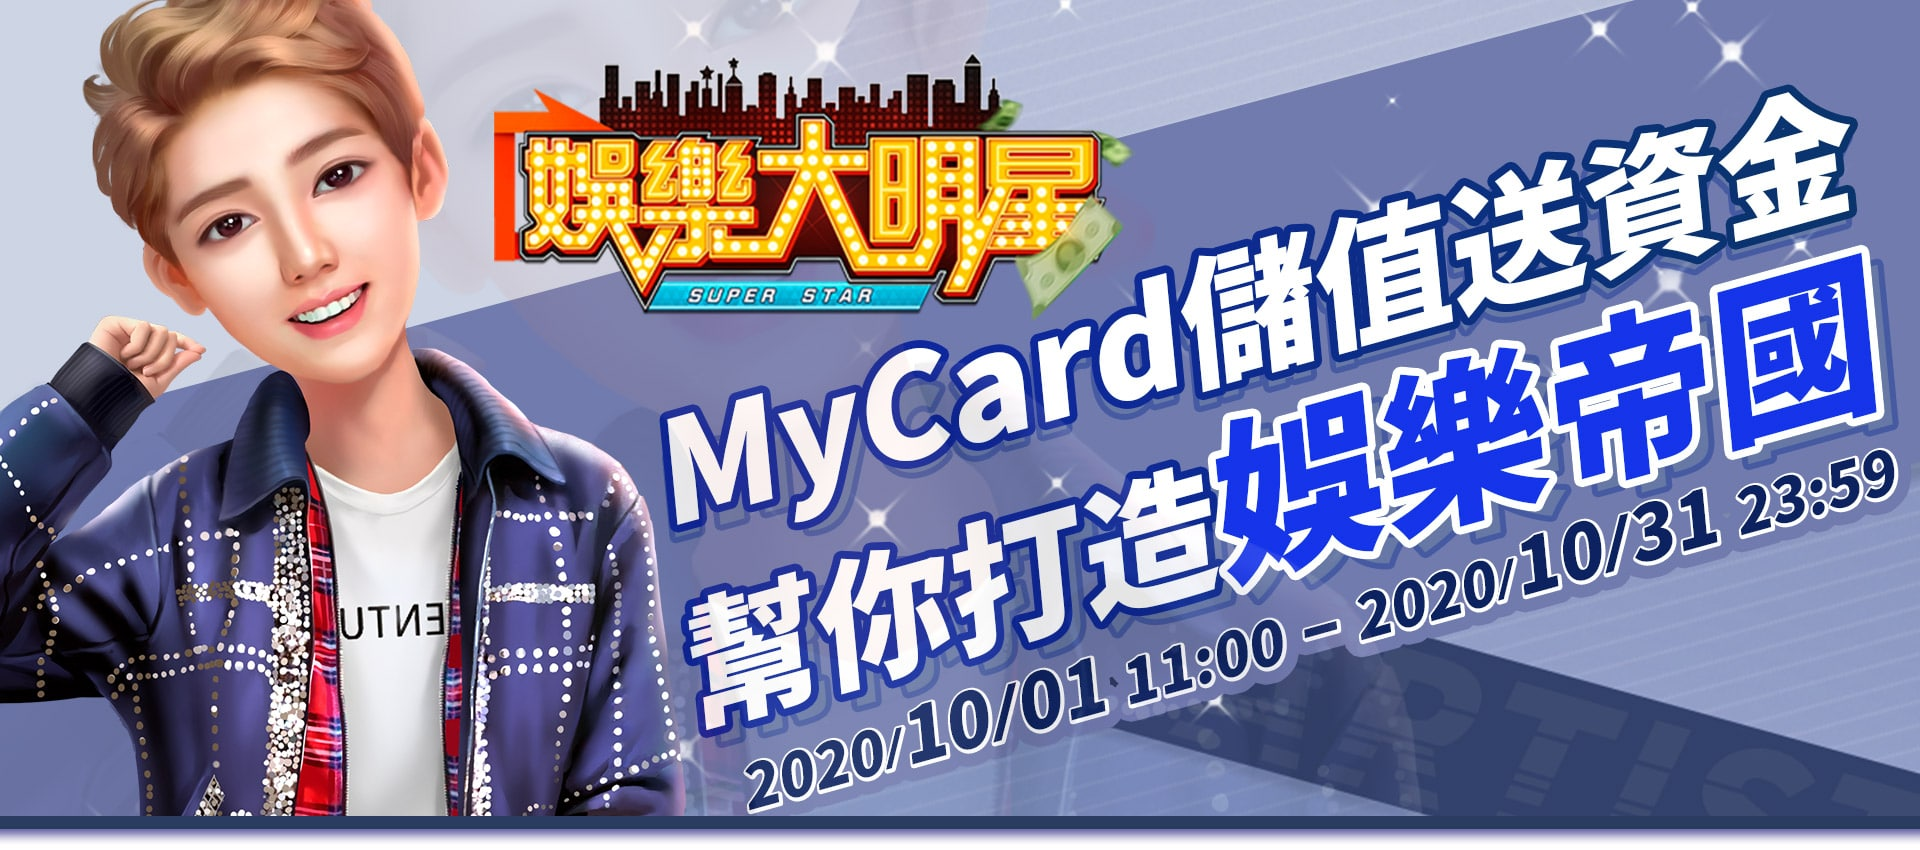 《娛樂大明星》MyCard儲值送資金,幫你打造娛樂帝國